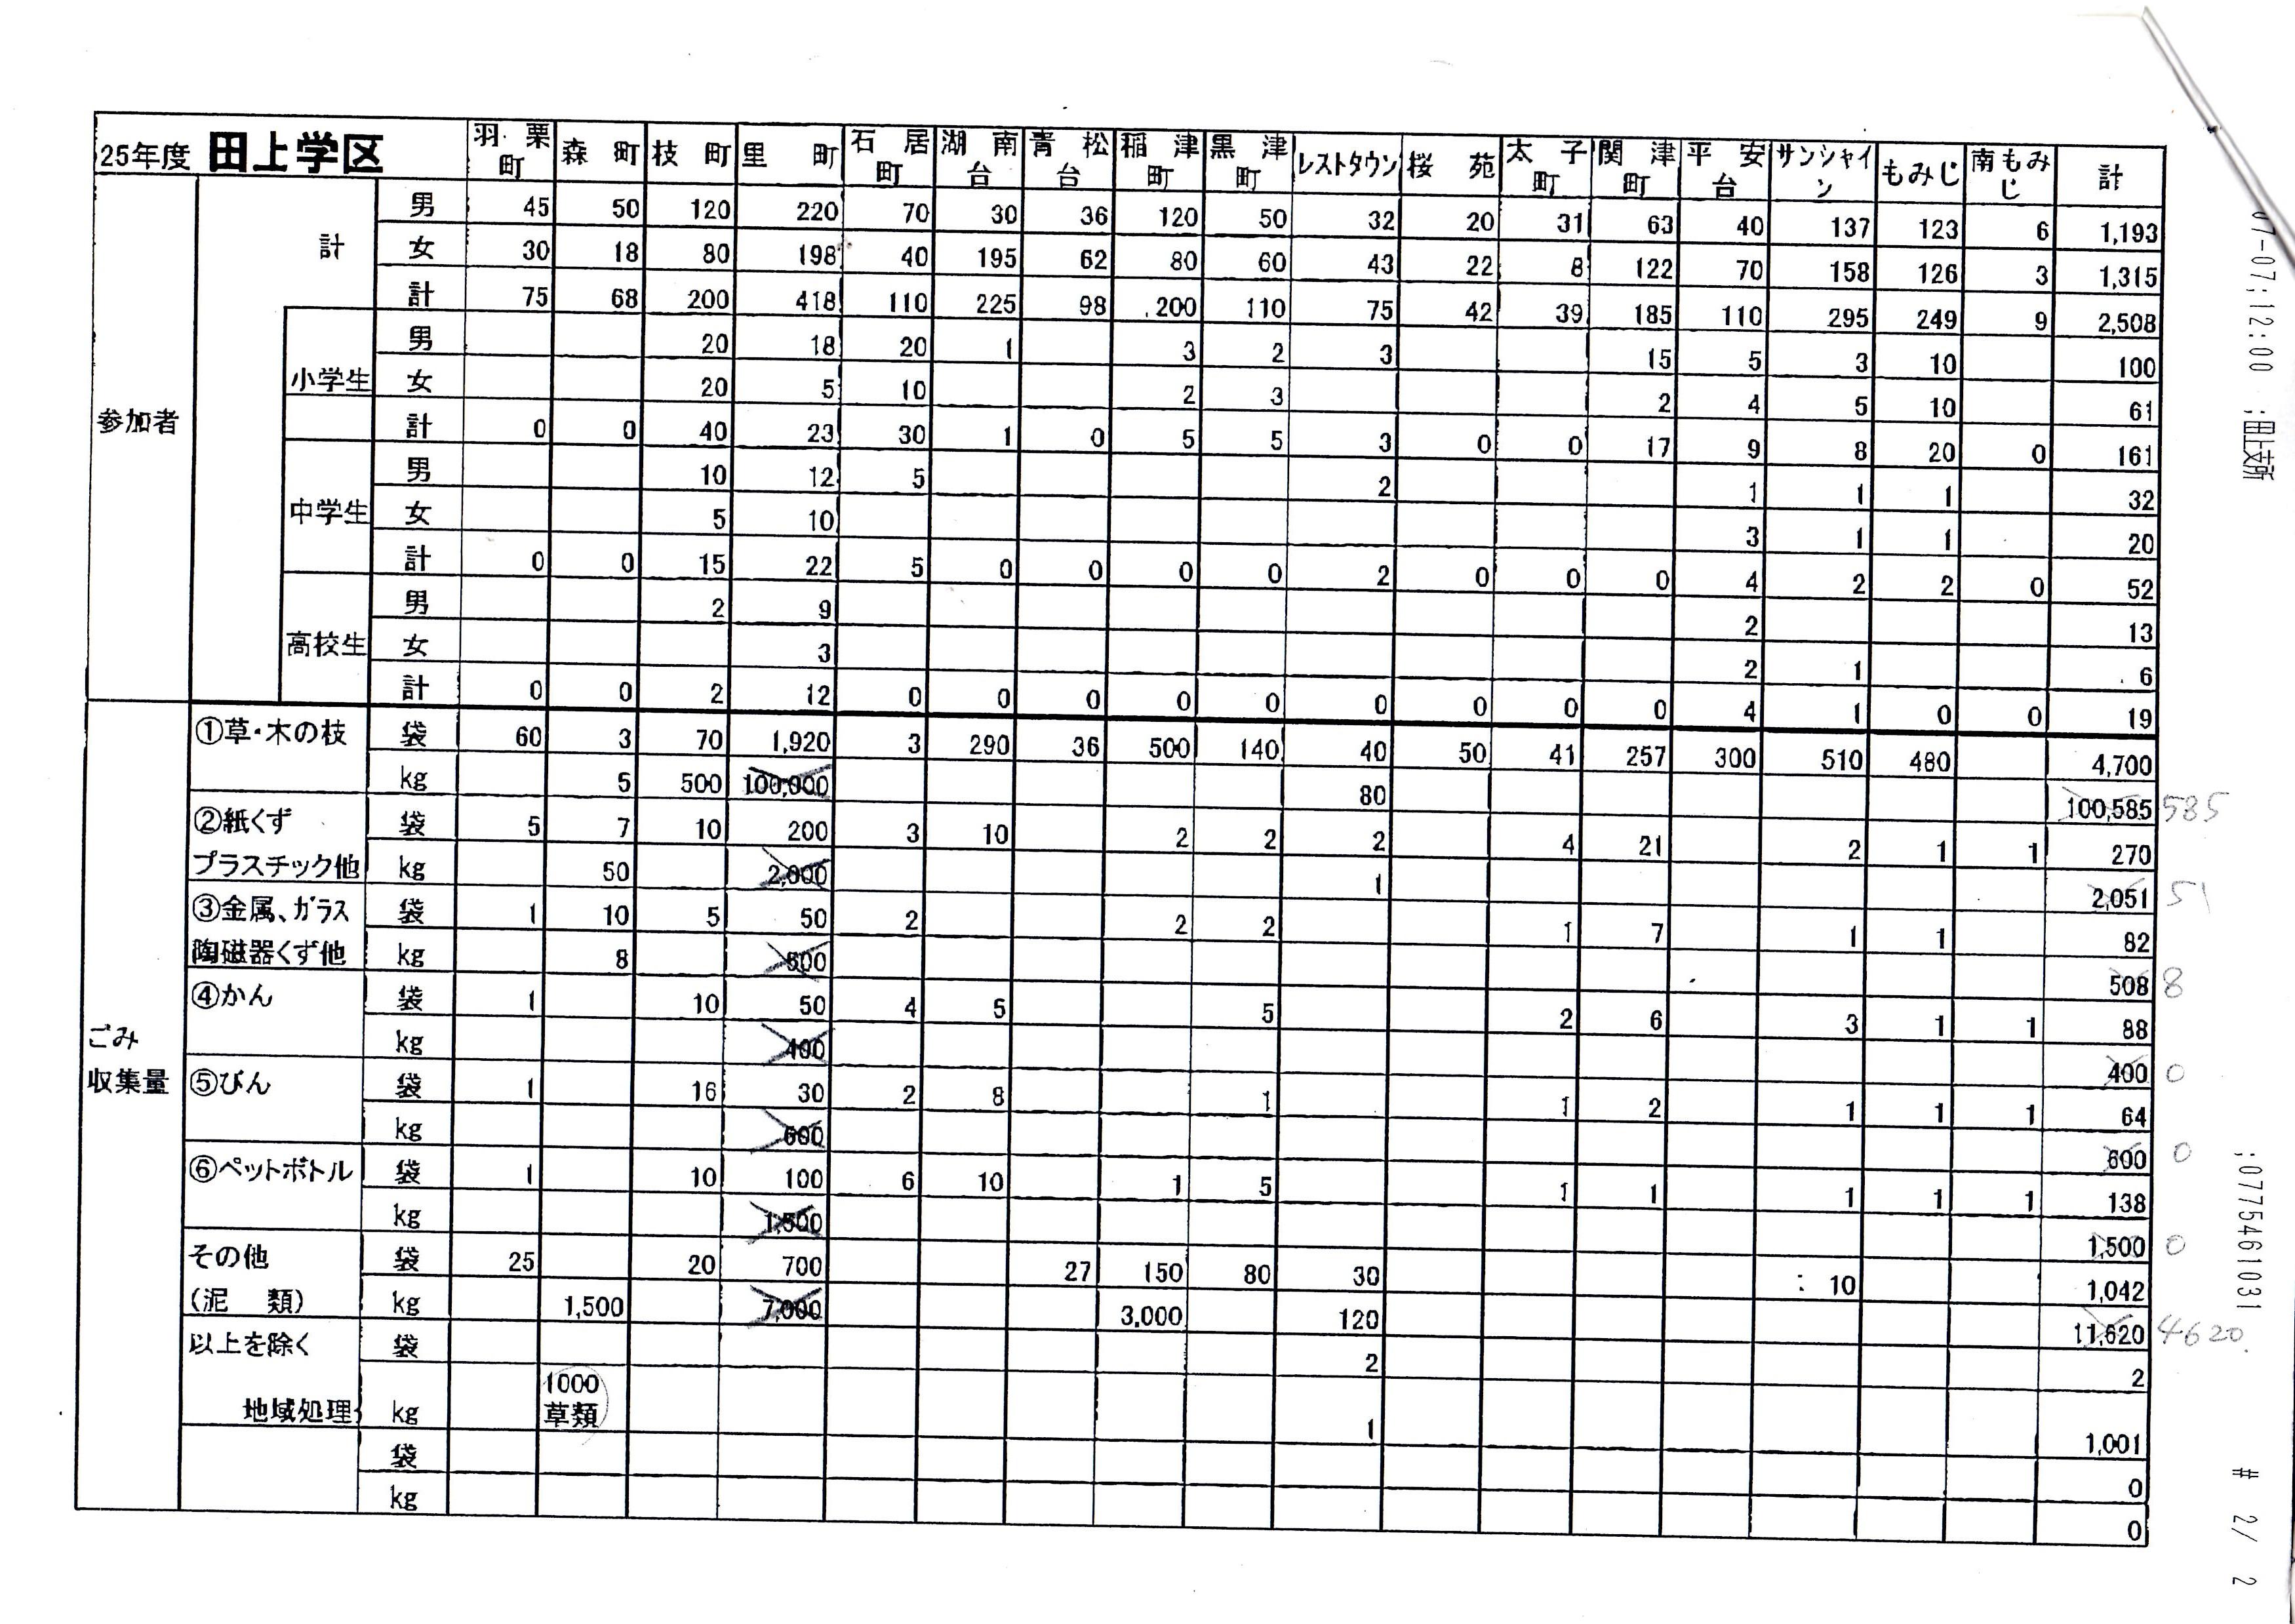 2013年田上実施結果報告書(各自治会)